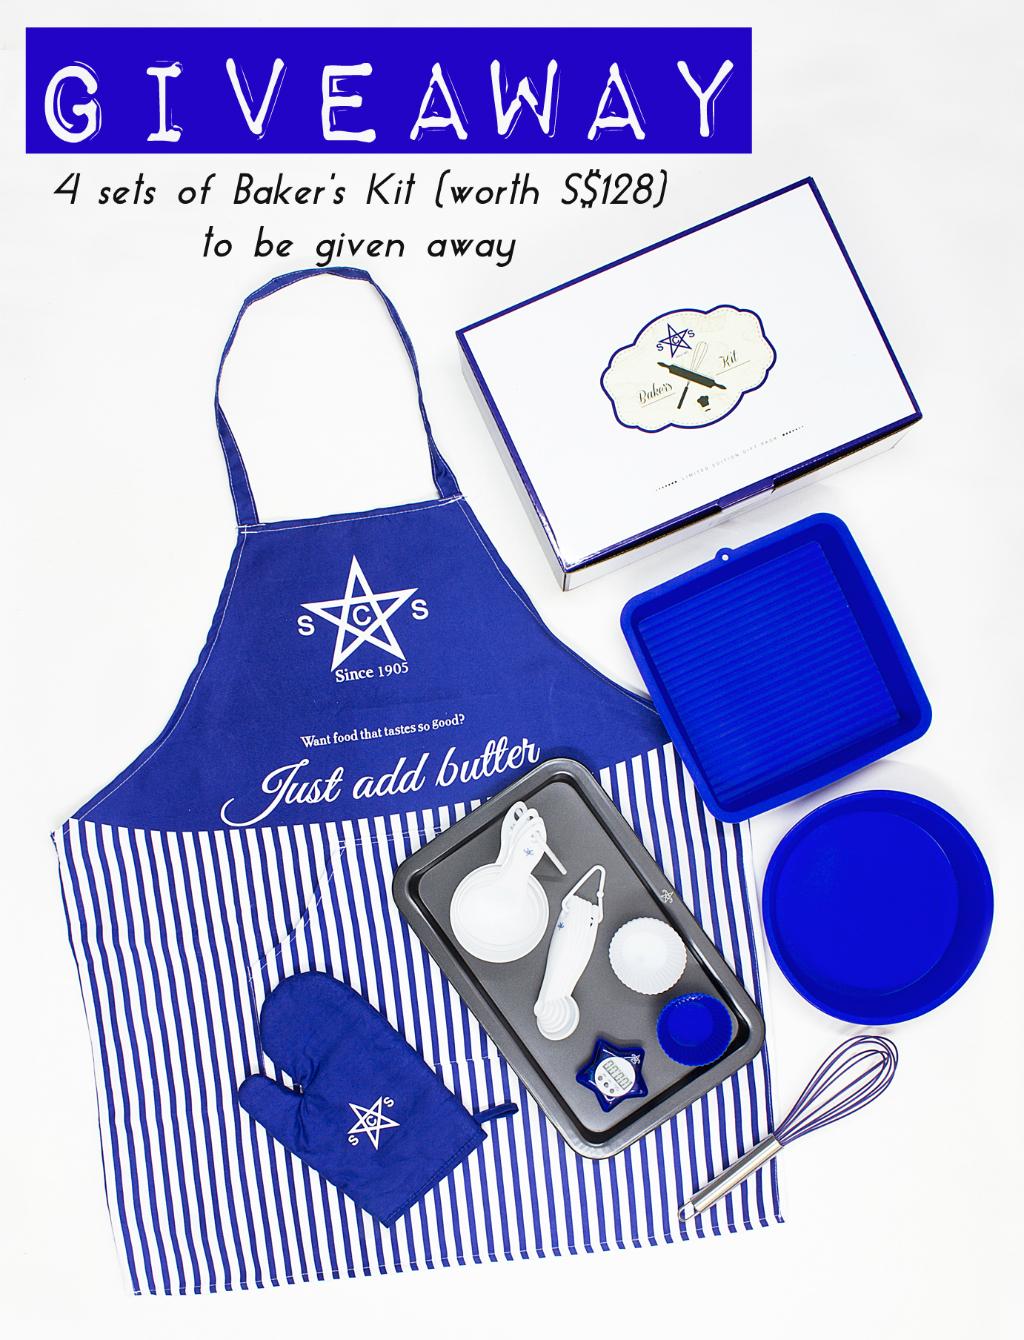 Portuguese Egg Tarts: Baker's Kit Giveaway